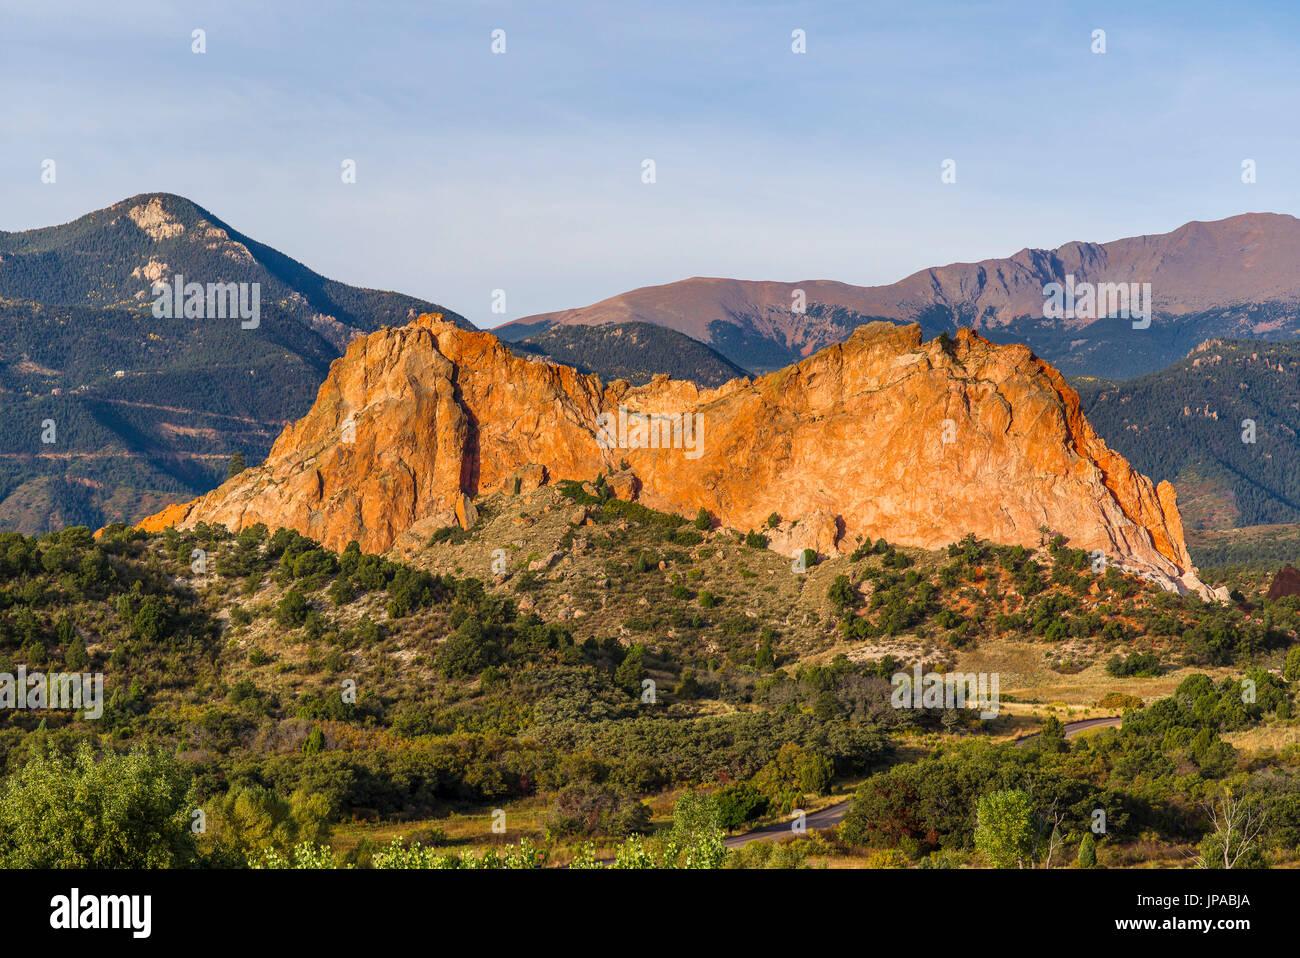 The Garden of the Gods, Colorado, USA - Stock Image